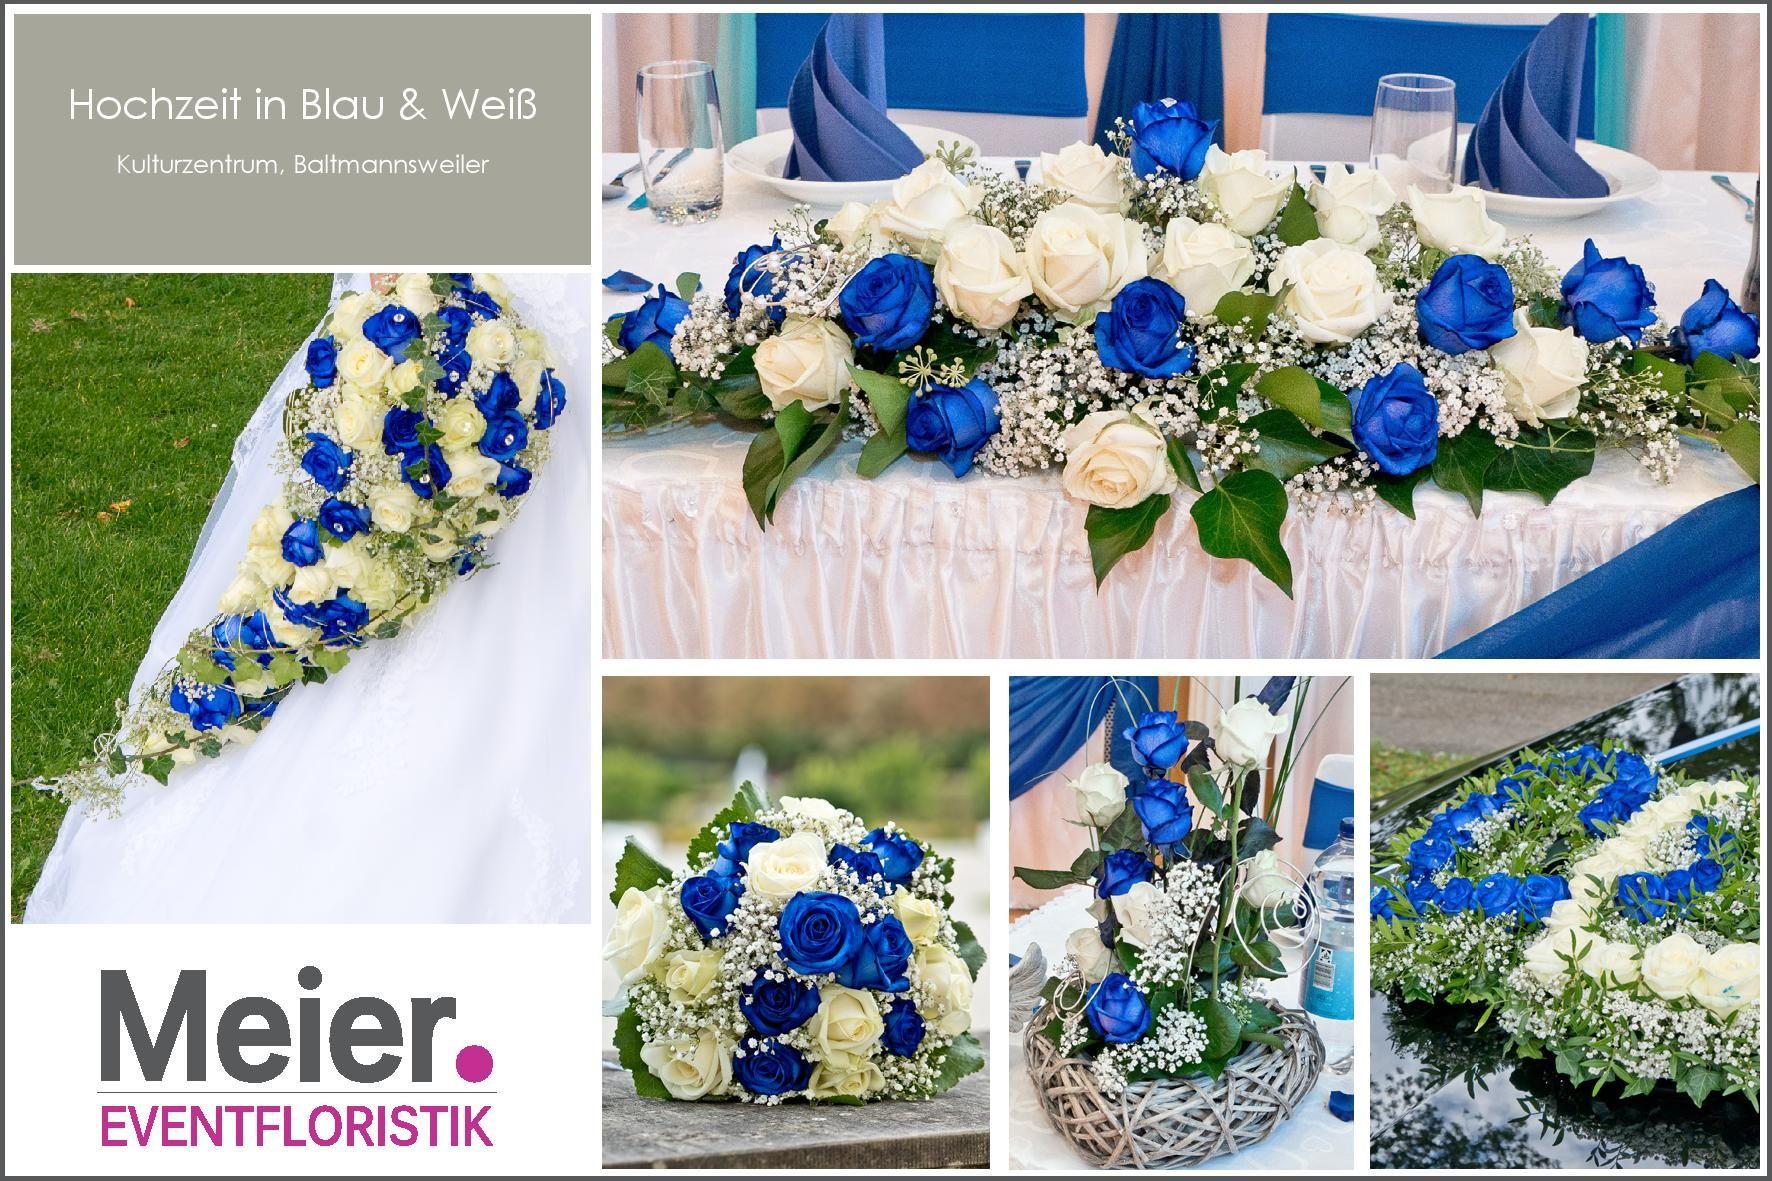 Hochzeit In Blau Und Weiss Komplett Aus Naturlichen Blumen Blumendeko Hochzeit Blumenschmuck Hochzeit Tischdekoration Hochzeit